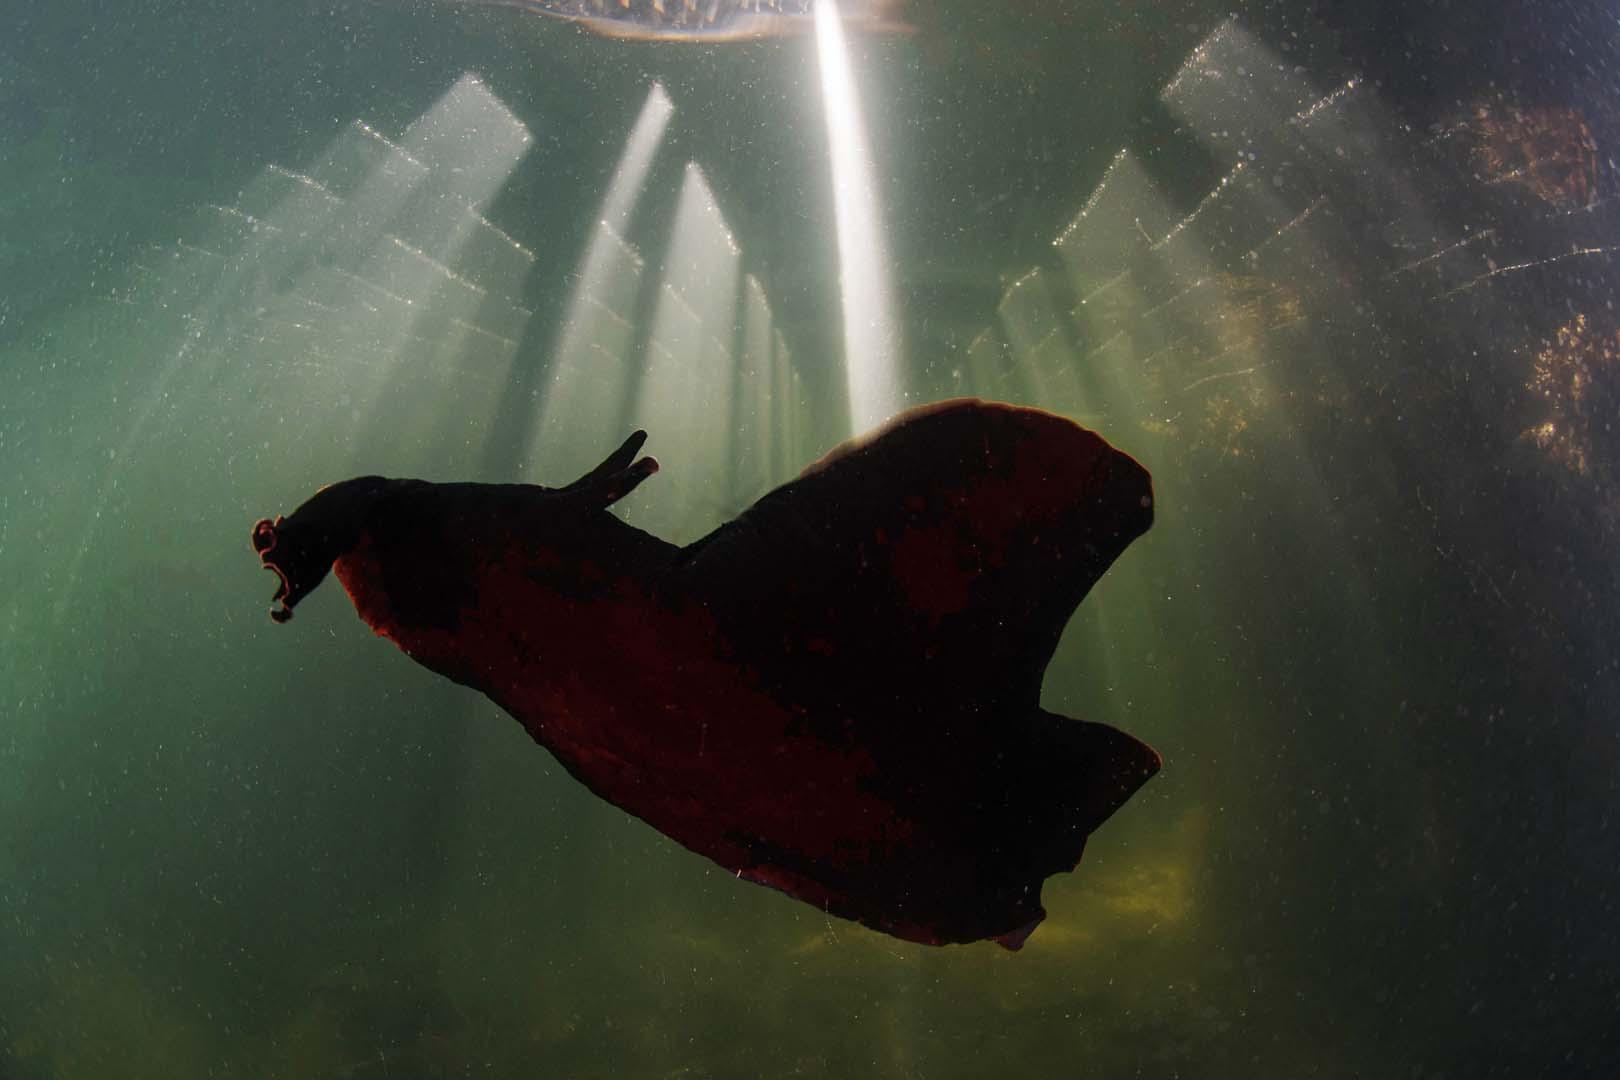 Ejemplar adulto nadando bajo los balnearios de La ribera.